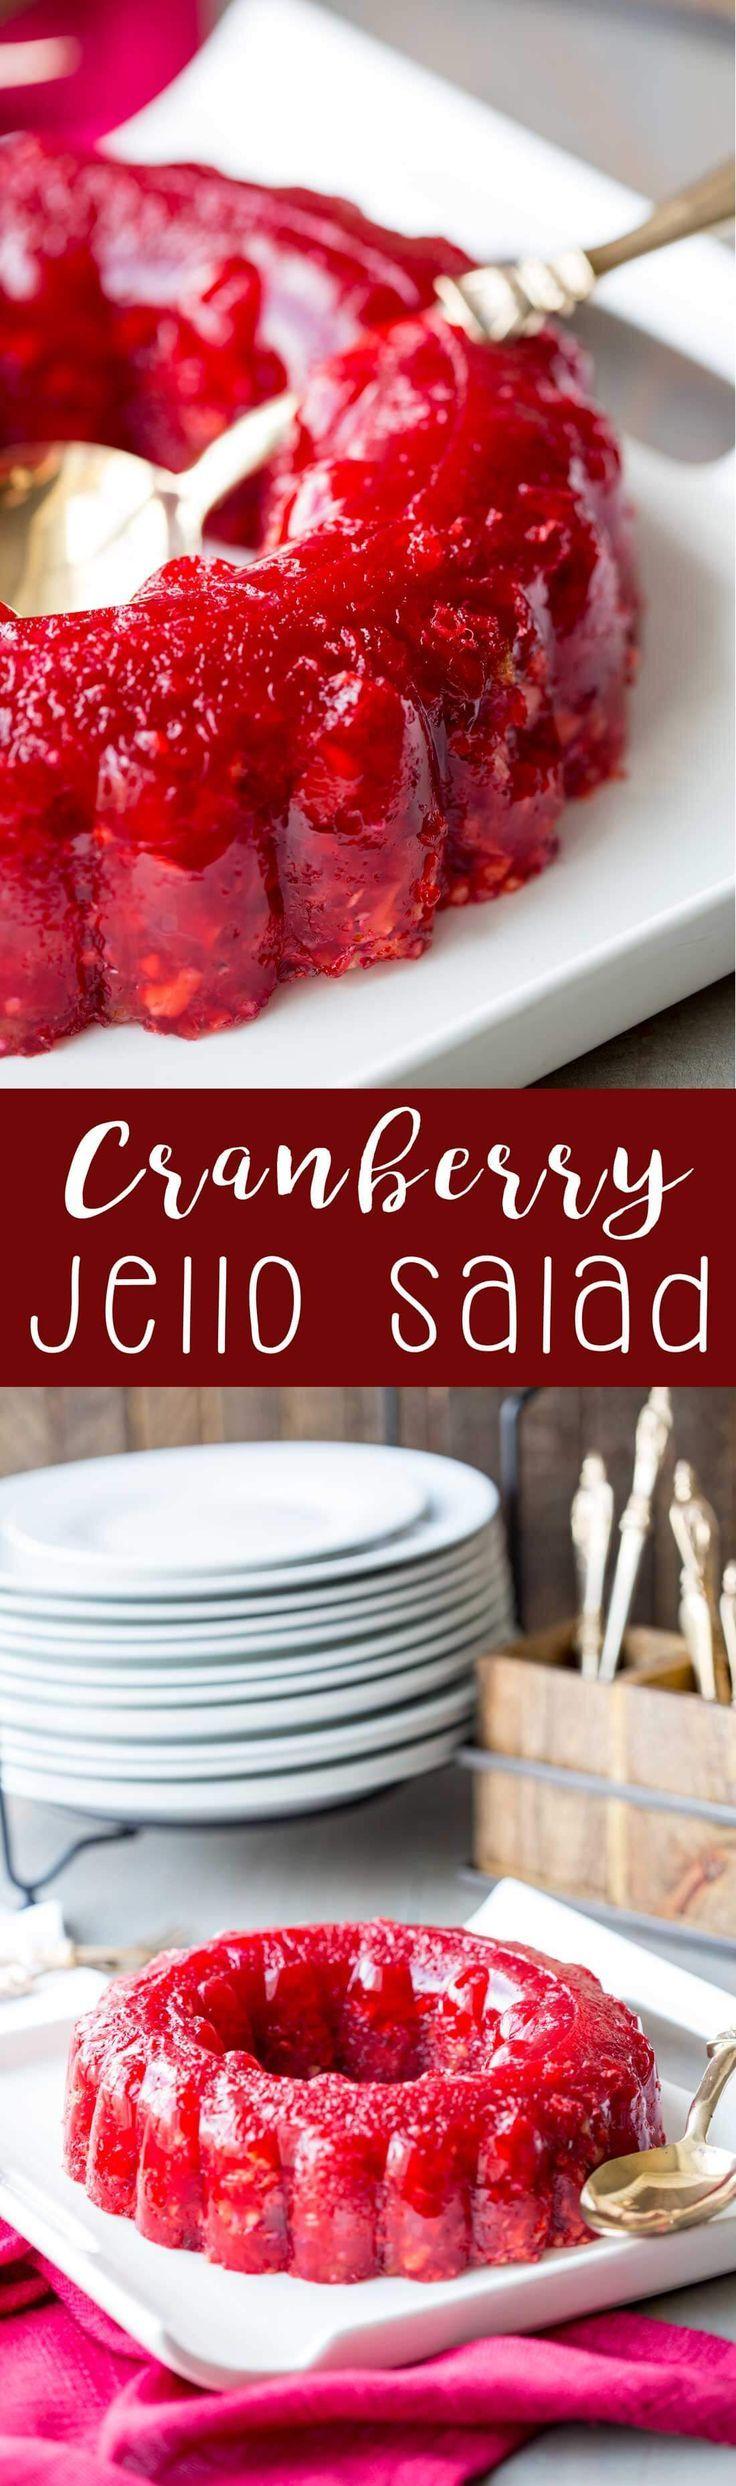 Cranberry Jello Salad                                                                                                                                                                                 More